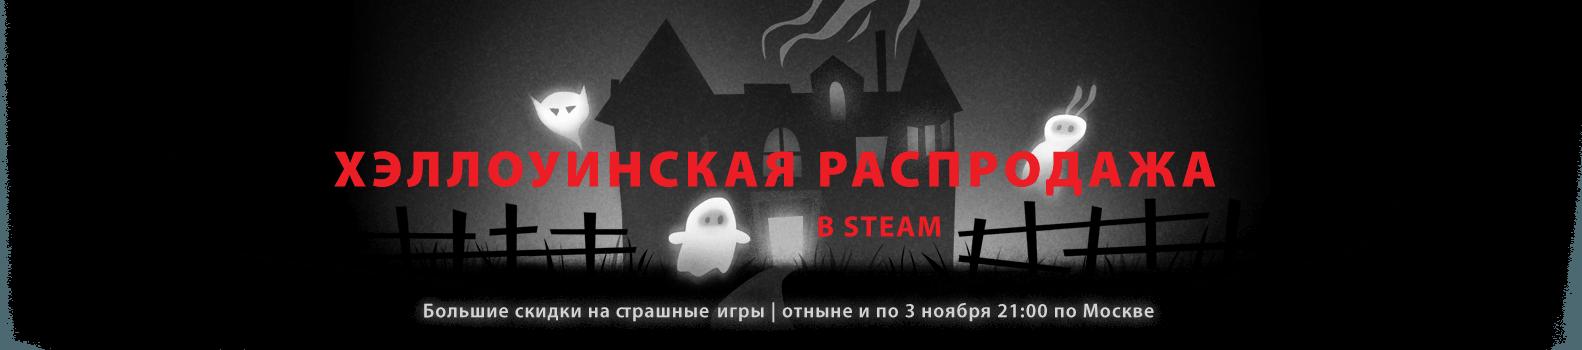 Хэллоуинская распродажа Steam 2014